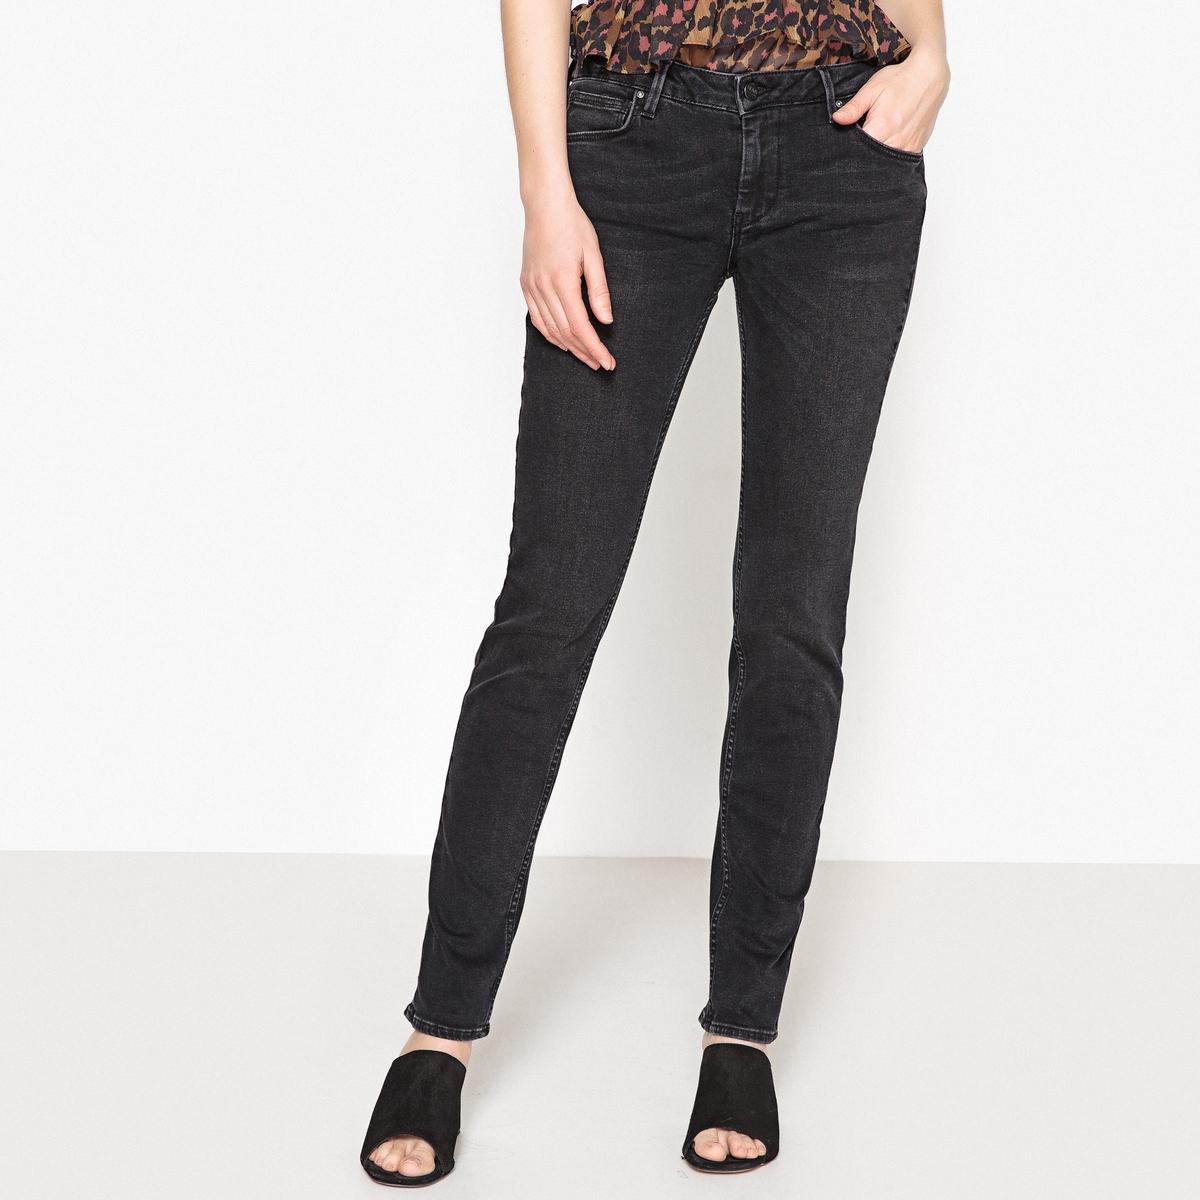 Джинсы узкие TERO джинсы